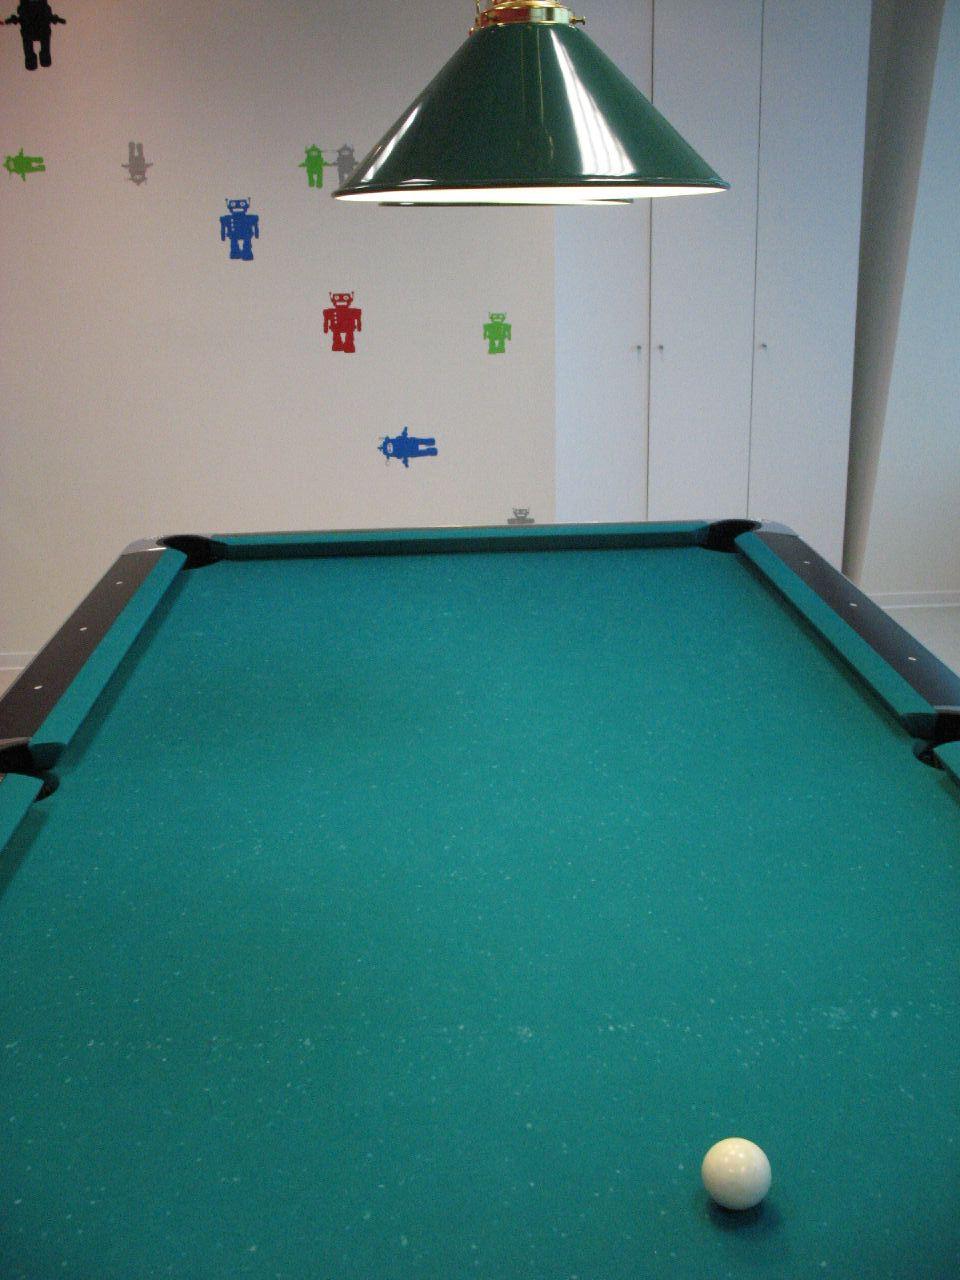 全世界最高的google撞球桌